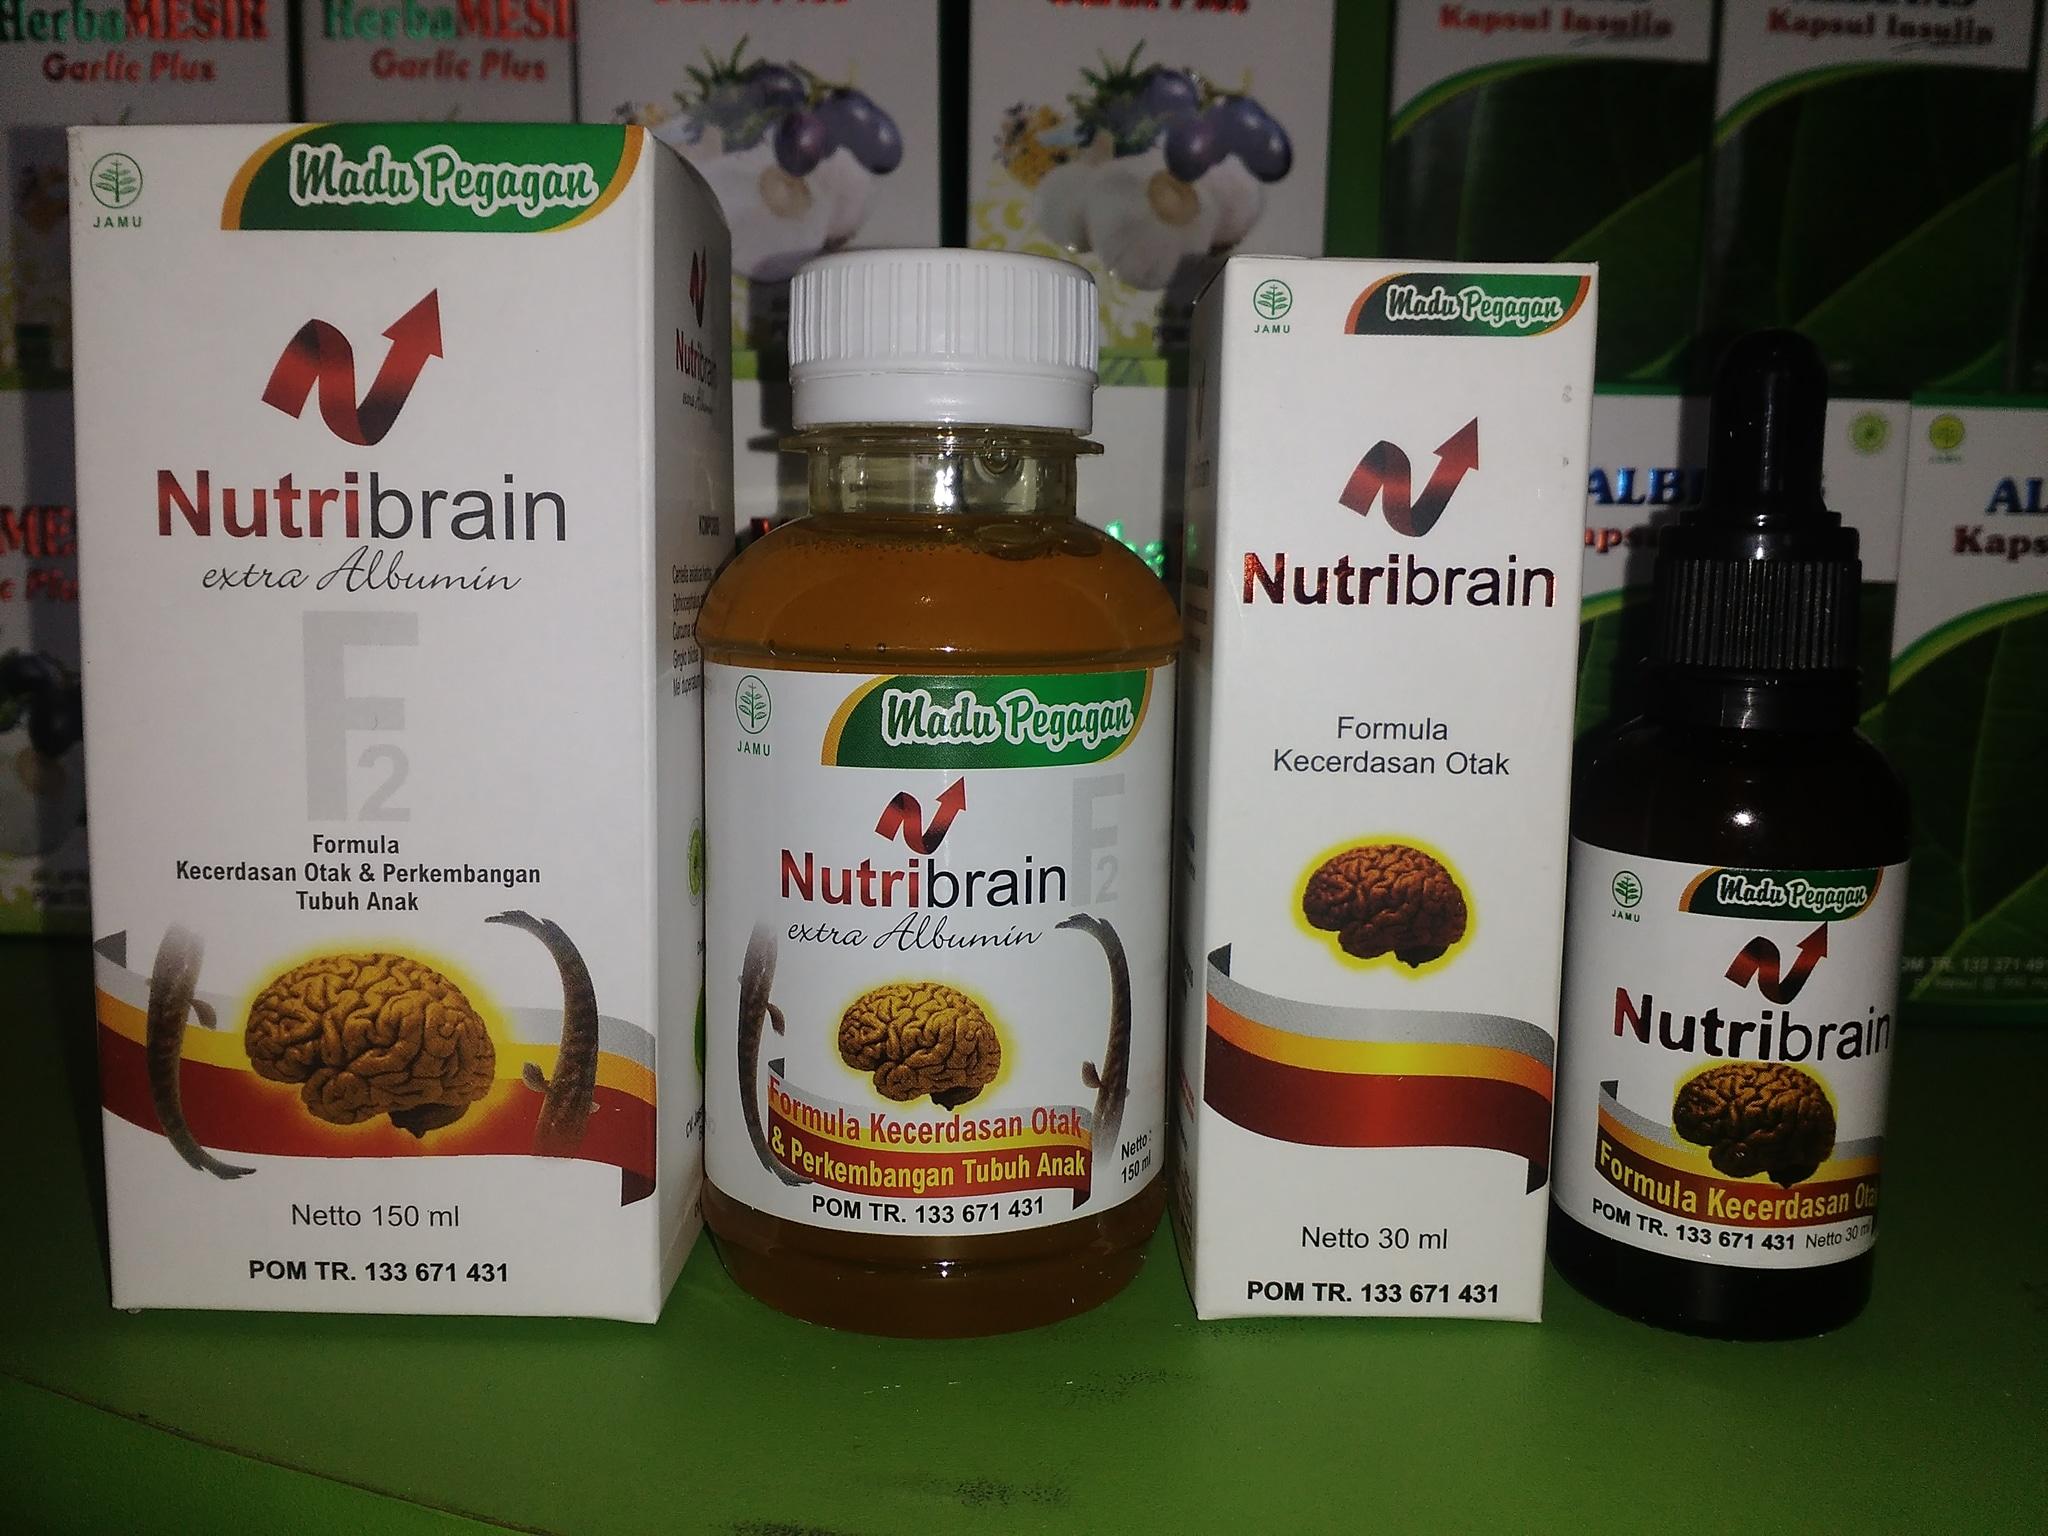 Nutrisi Kecerdasan Otak & Perkembangan Tubuh Anak Nutribrain F2 Source Kecerdasan Otak Source .